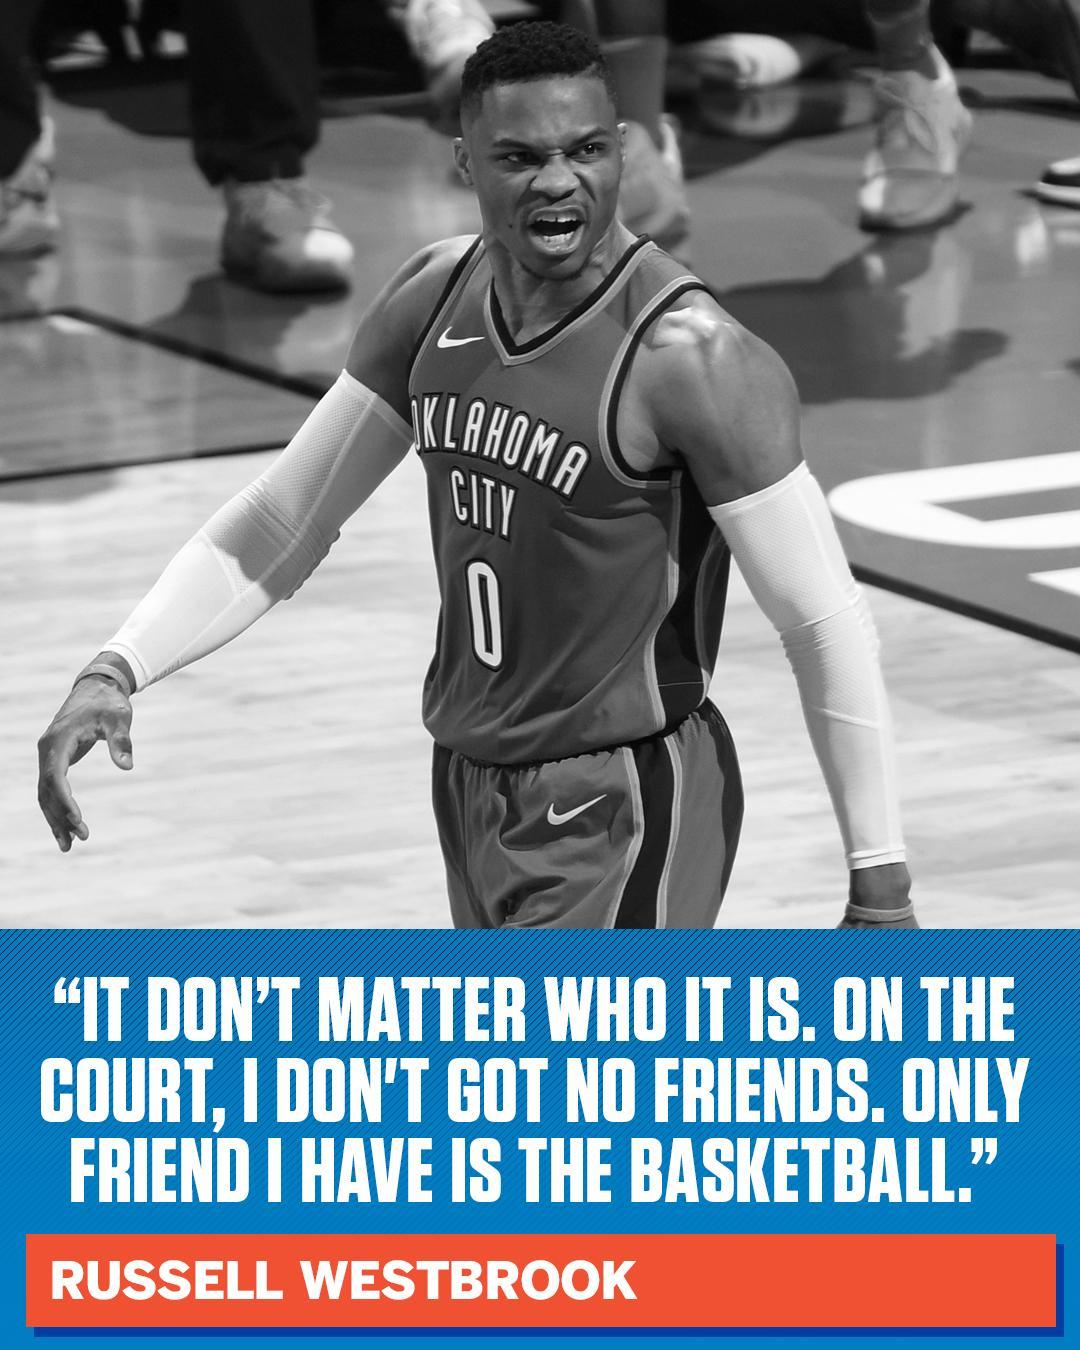 The MVP's mentality. https://t.co/vFDjdJdqAH